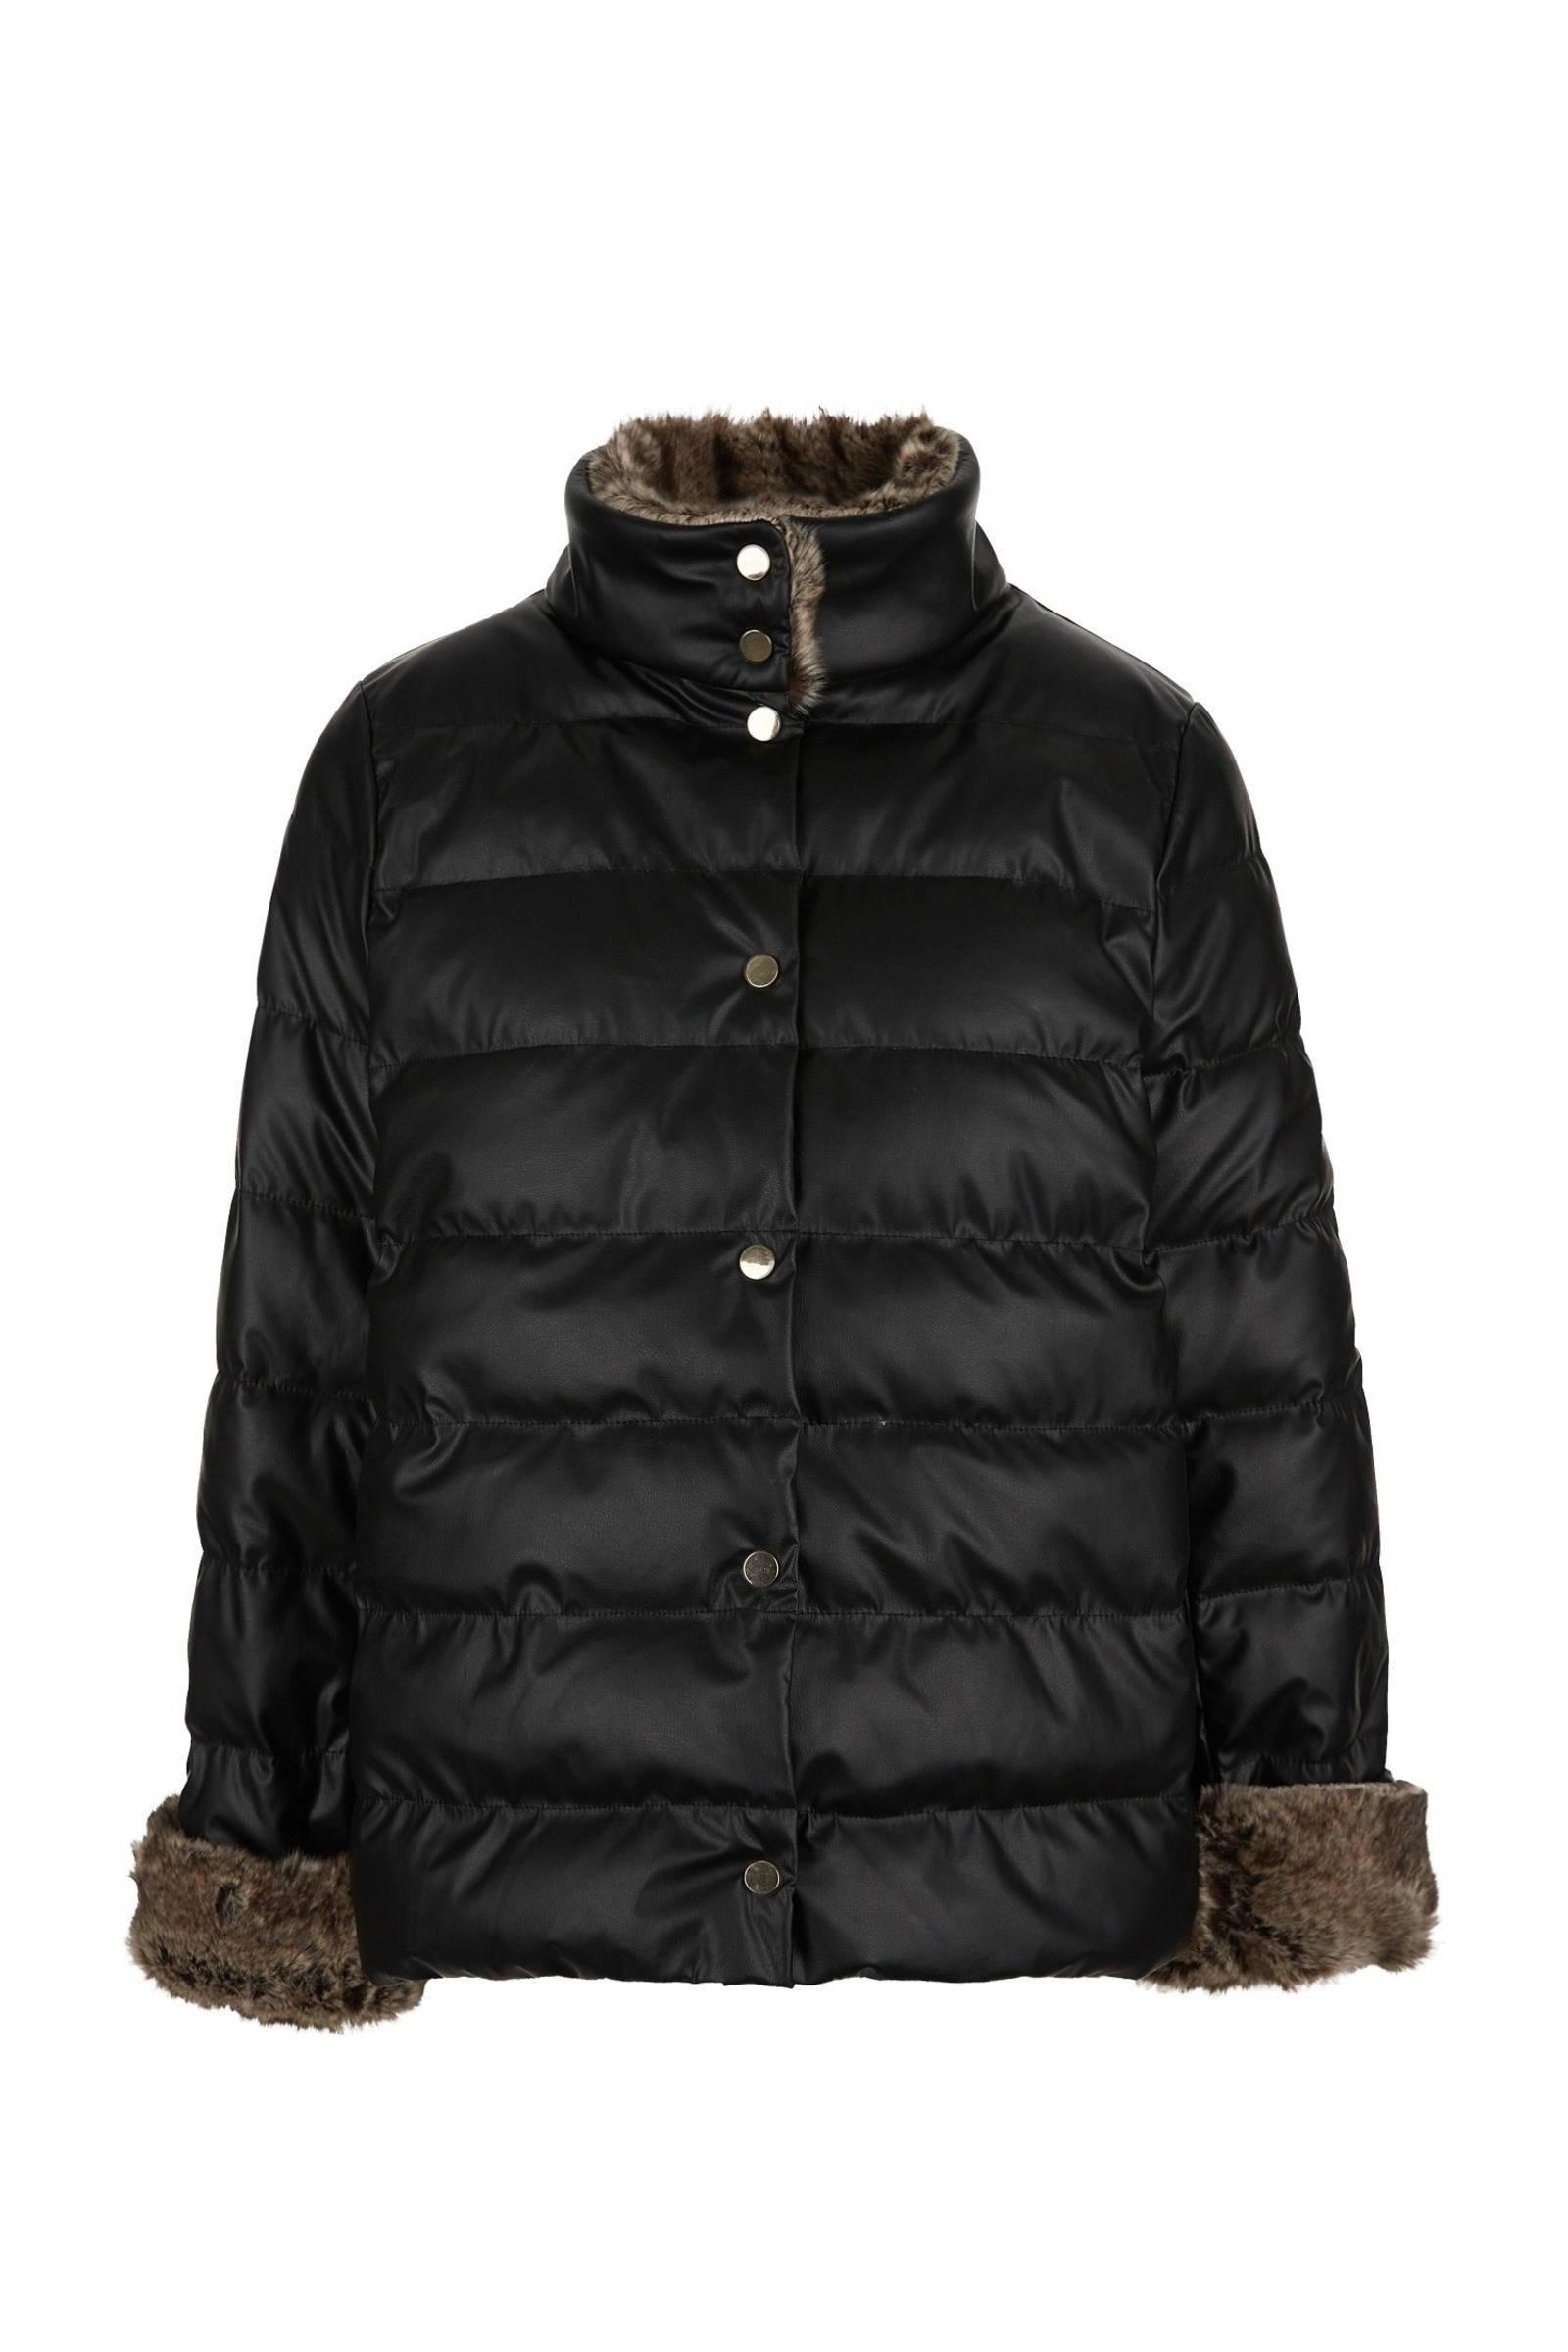 s.Oliver BLACK LABEL winterjassen voor dames kopen Vind